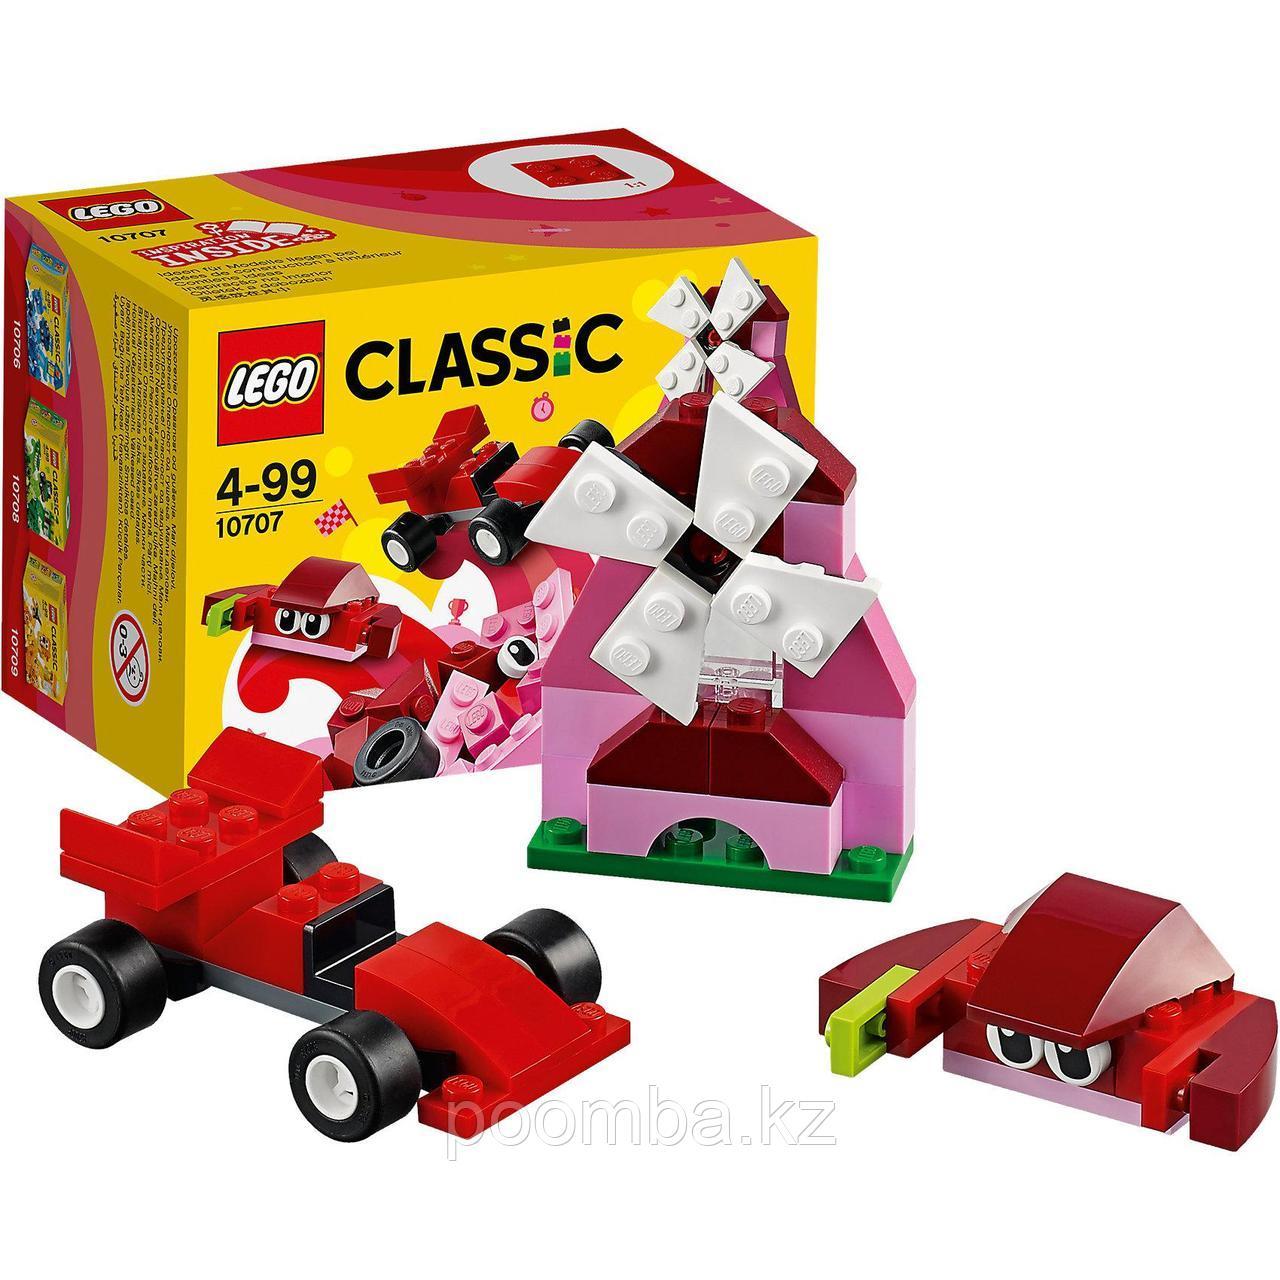 Конструктор LEGO - ЛЕГО Classic Классик Красный набор